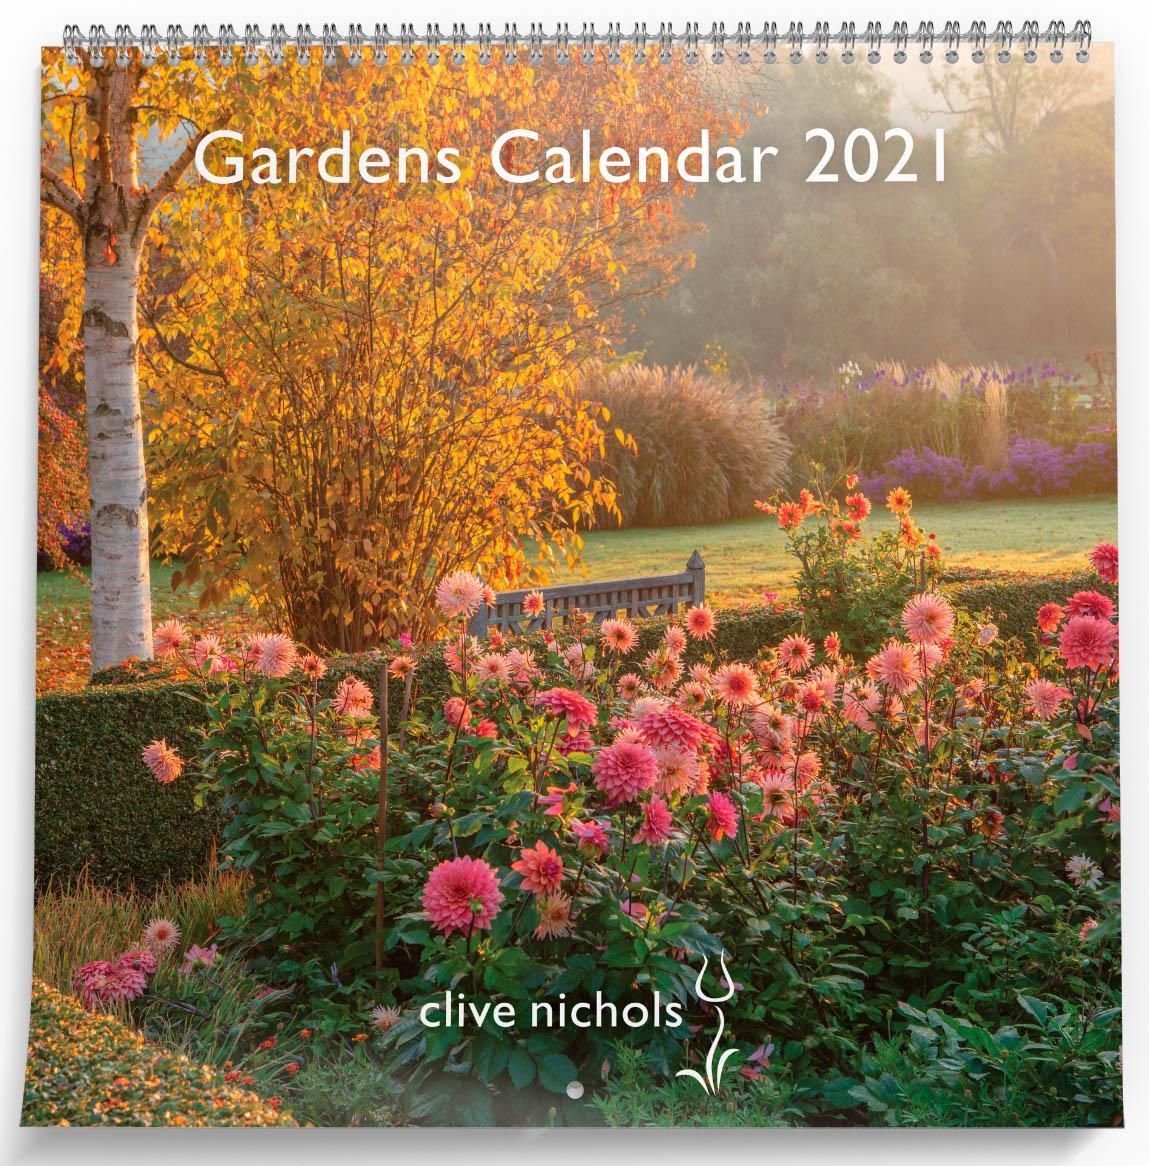 Clive Nichols Gardens Calendar 2021